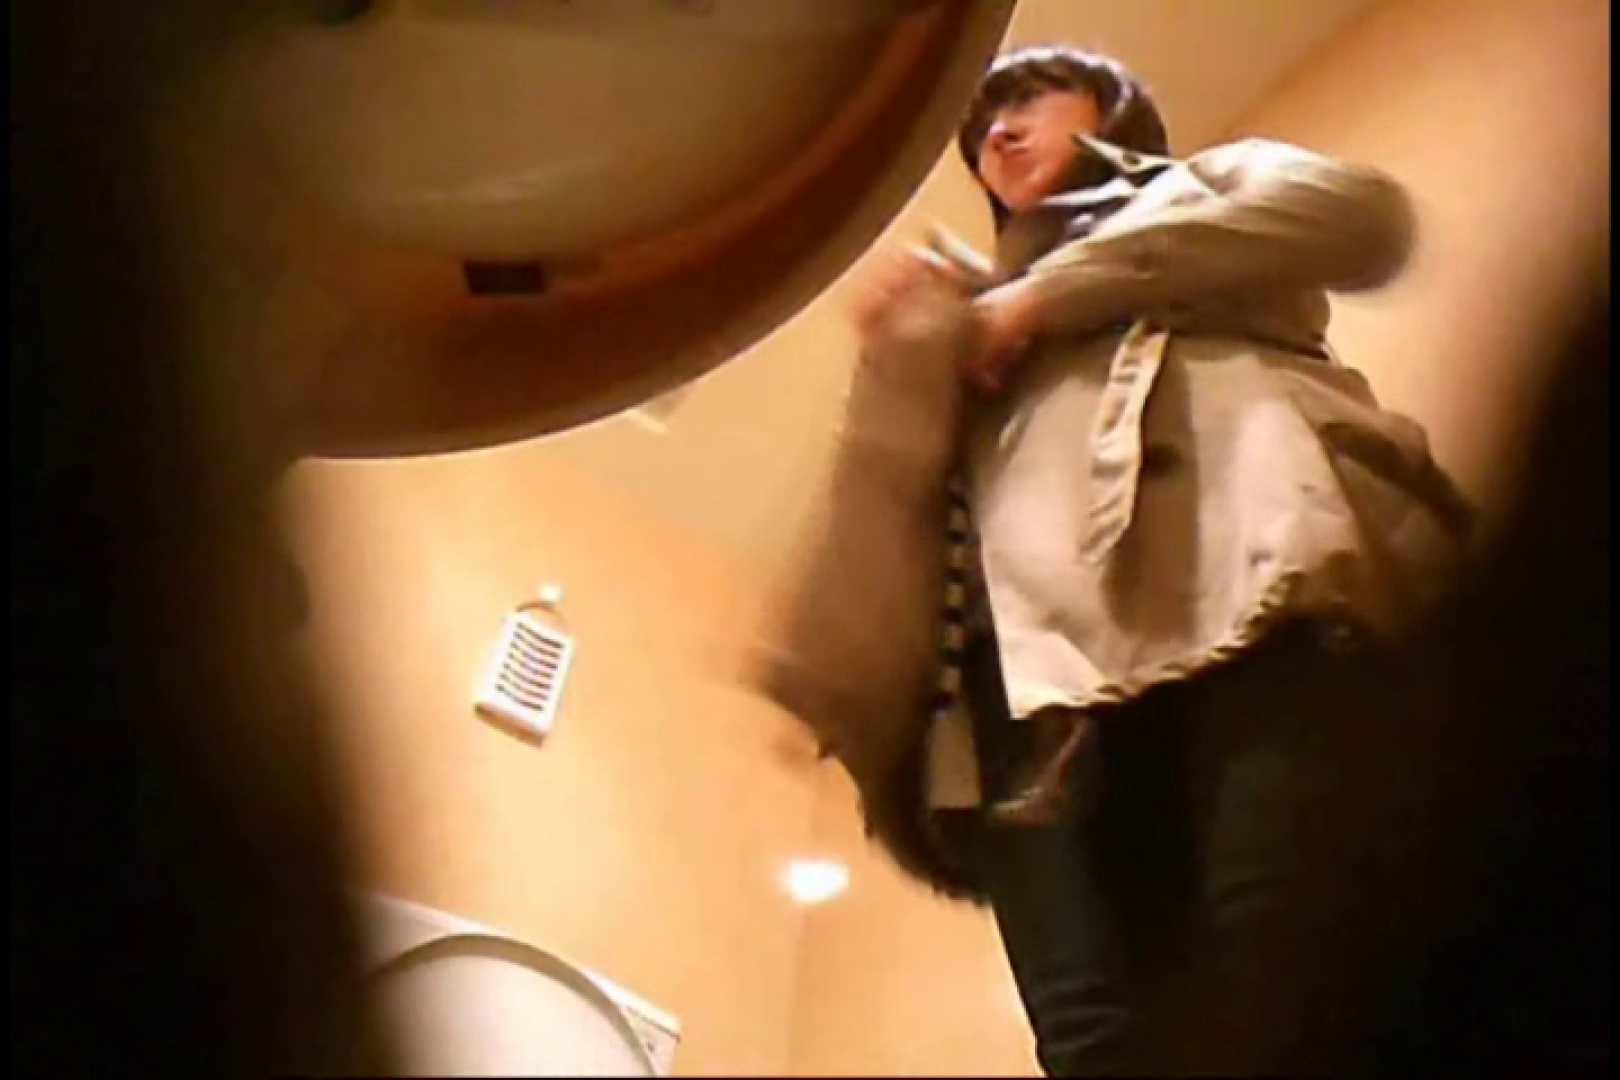 潜入!!女子化粧室盗撮~絶対見られたくない時間~vo,17 丸見え エロ画像 76連発 47